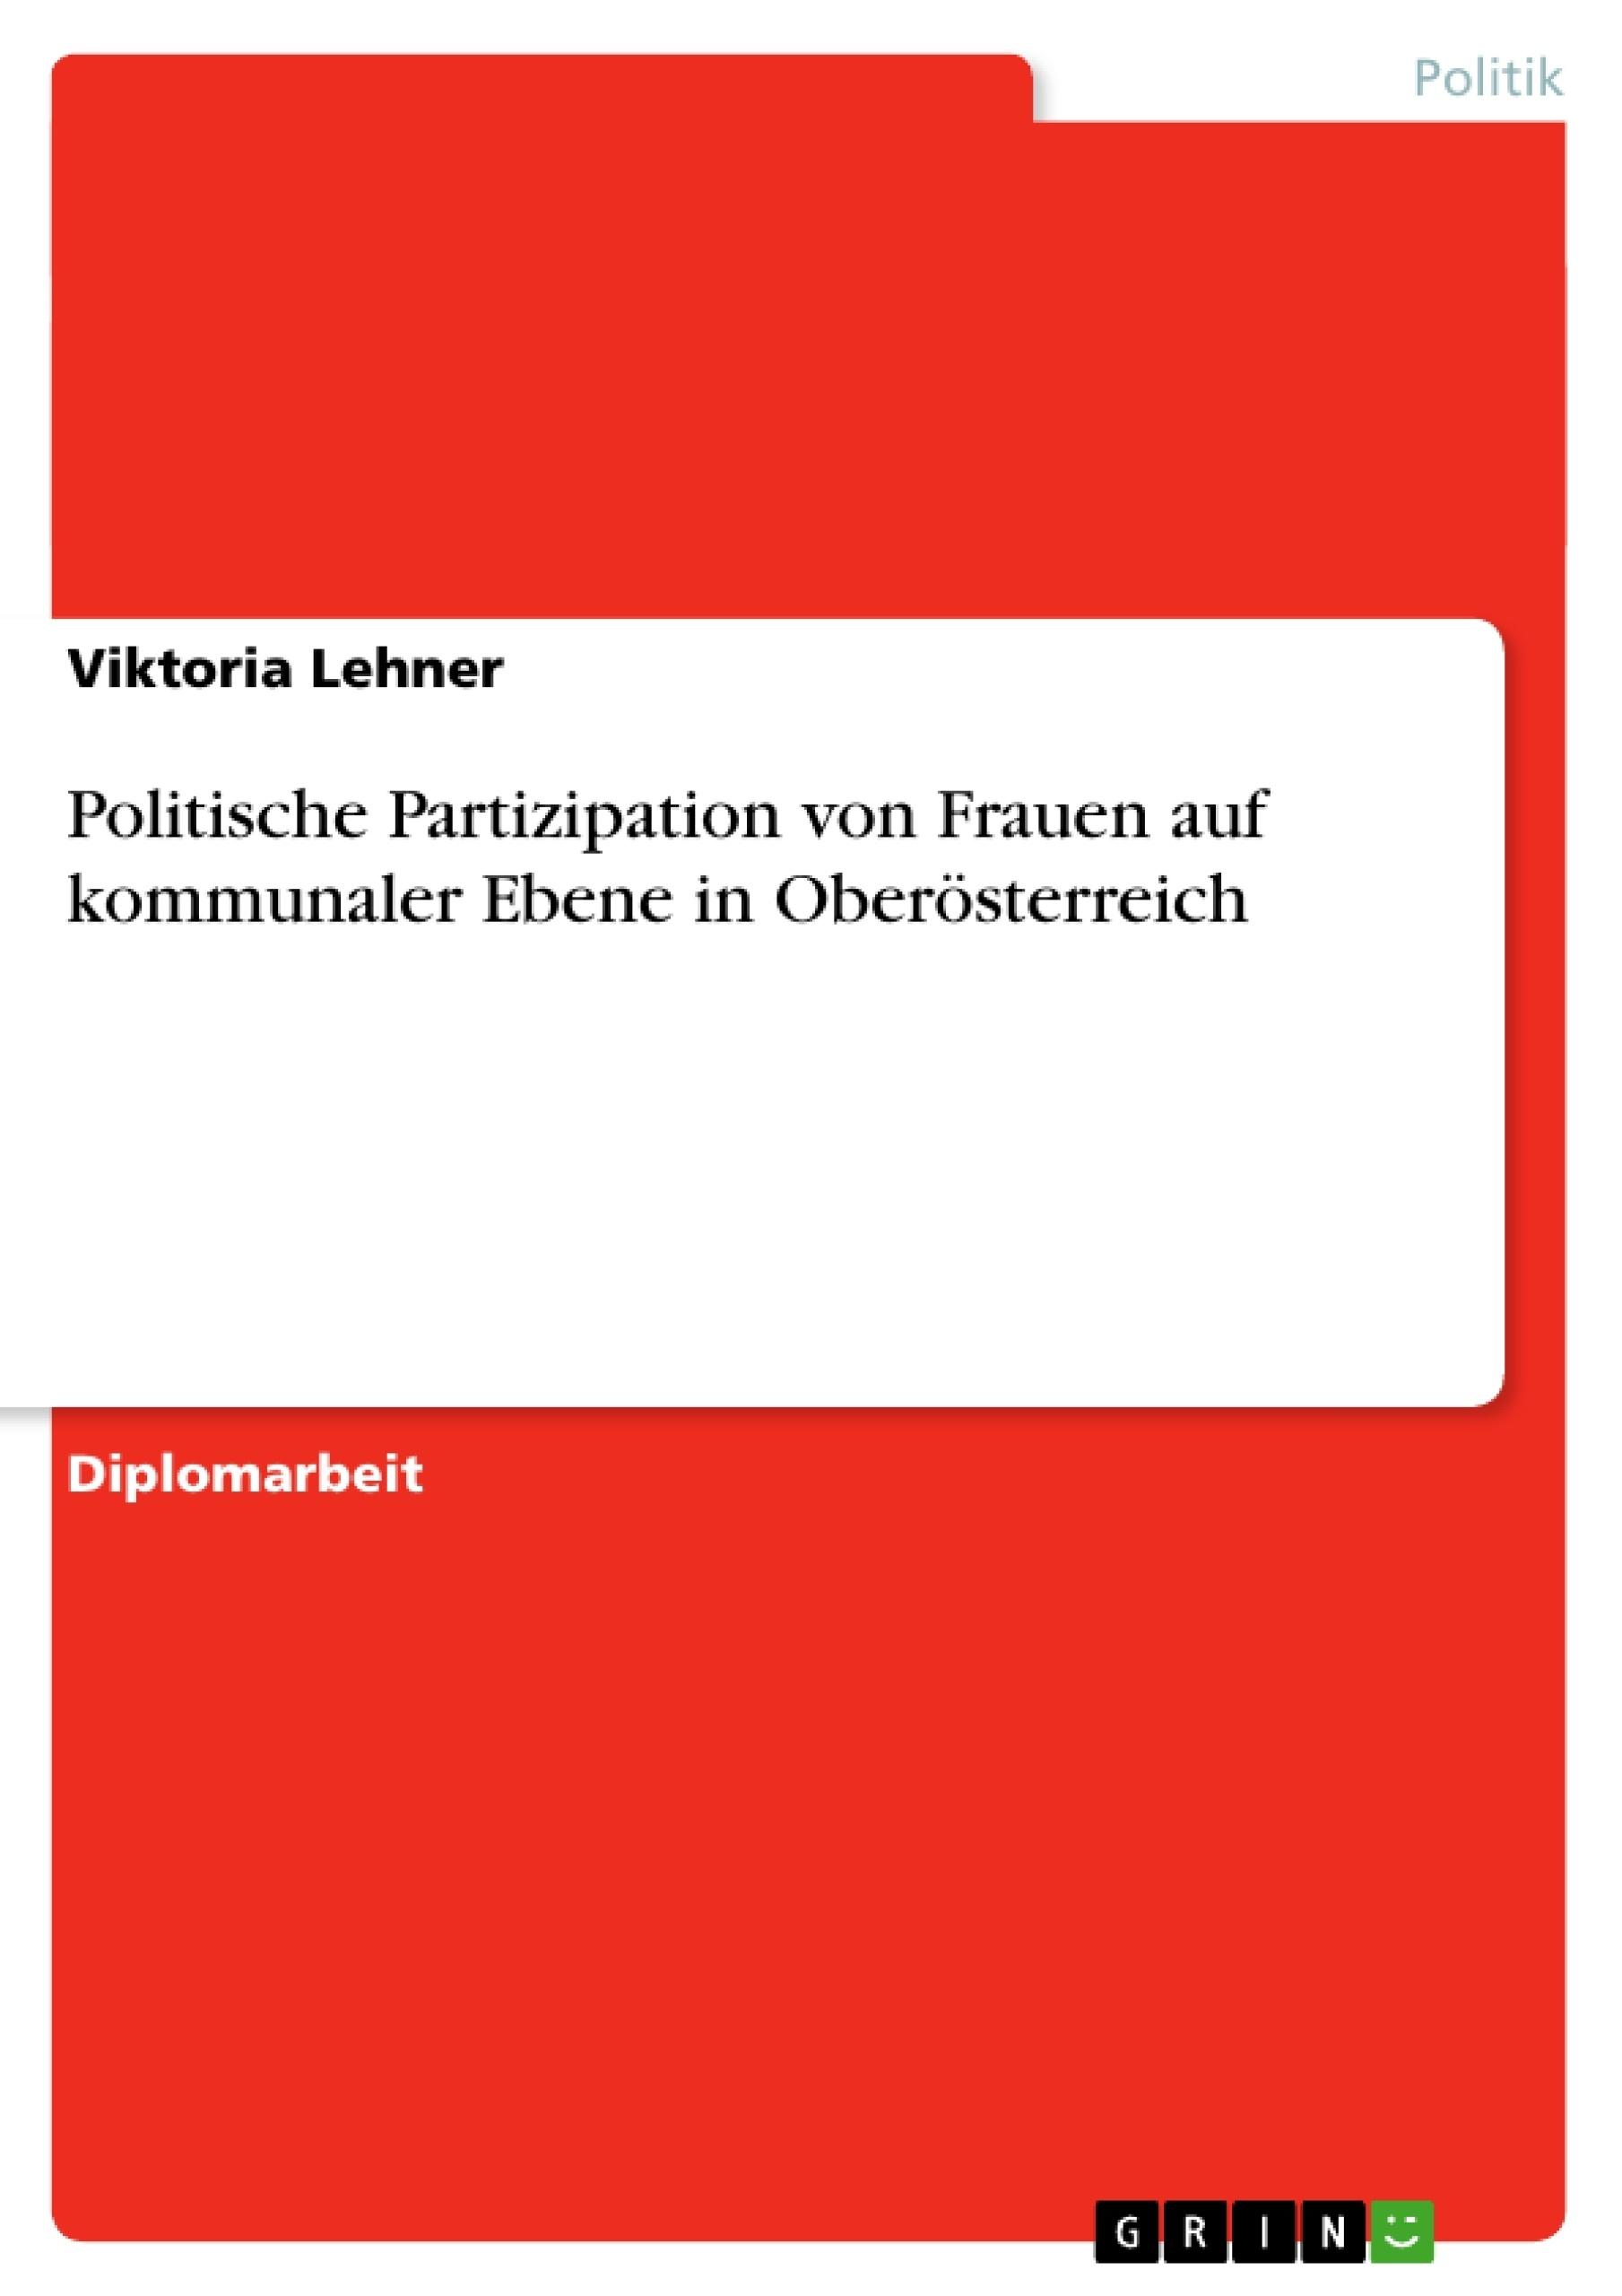 Titel: Politische Partizipation von Frauen auf kommunaler Ebene in Oberösterreich